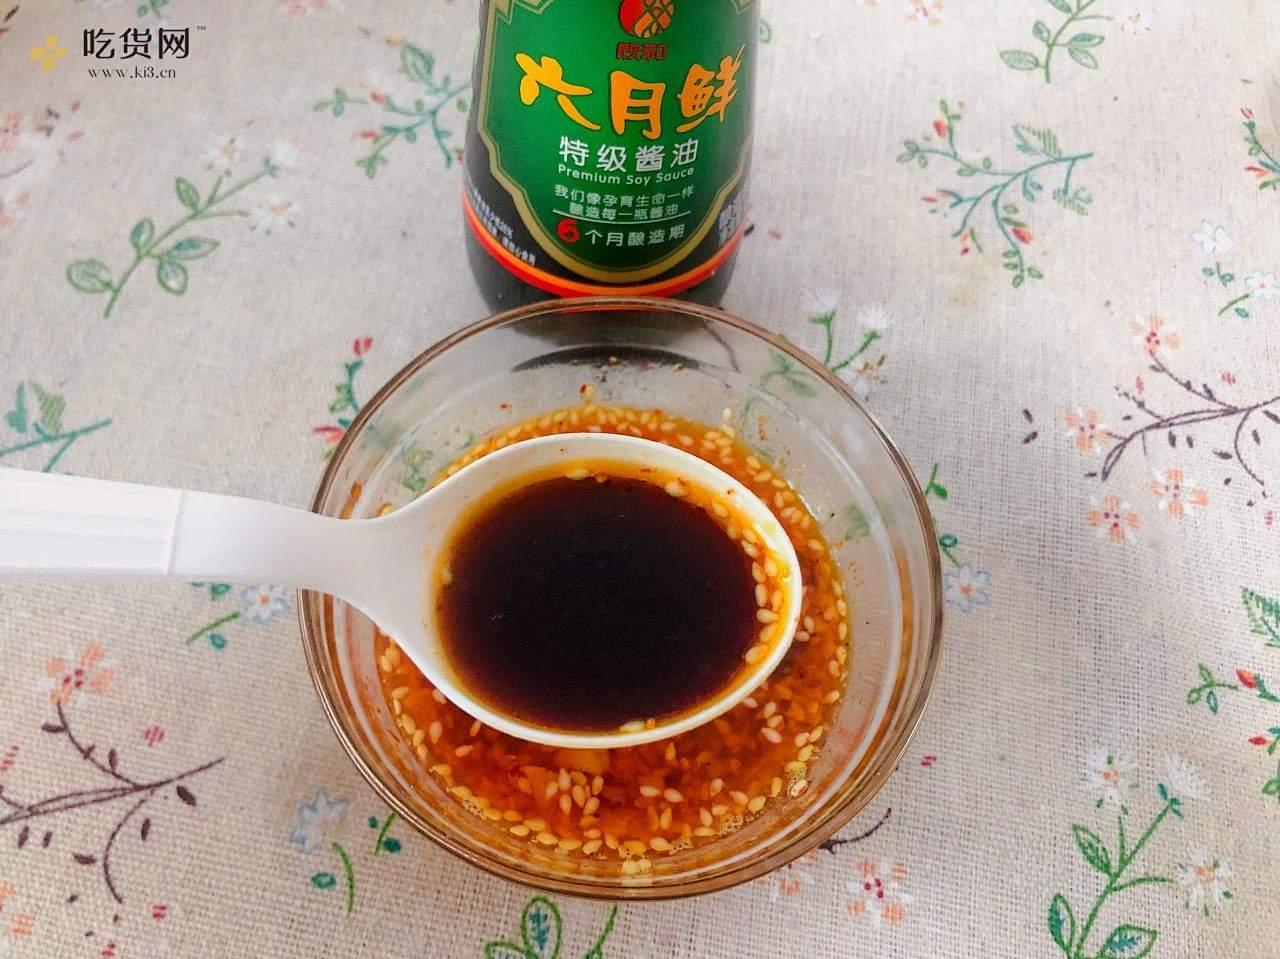 鸡丝凉面,超级开胃的一道美食的做法 步骤5